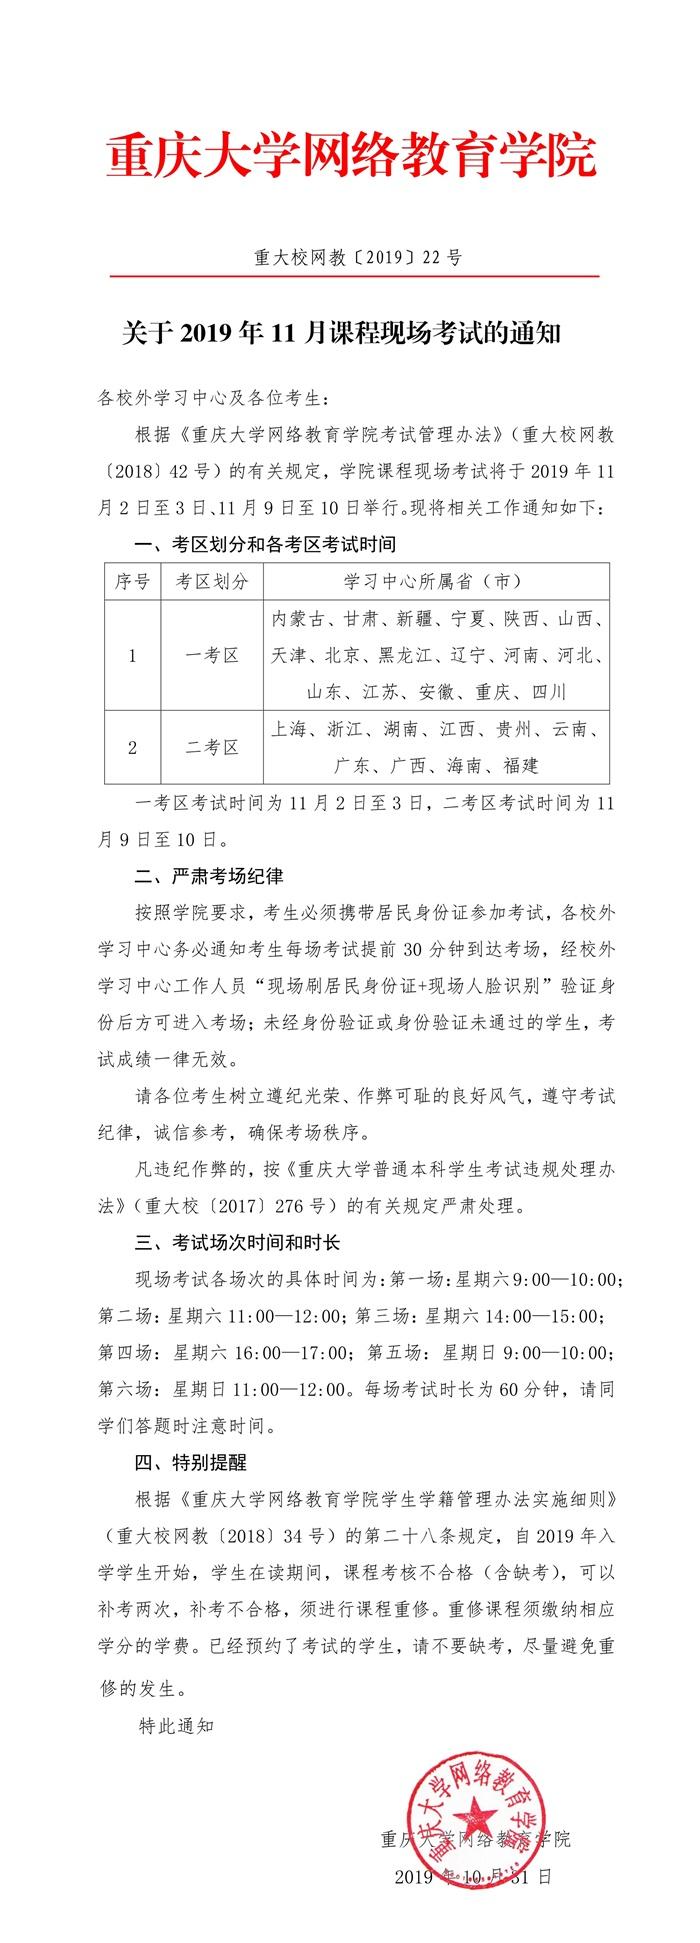 重大校网教22号-关于2019年11月课程现场考试的通知_1_副本.jpg